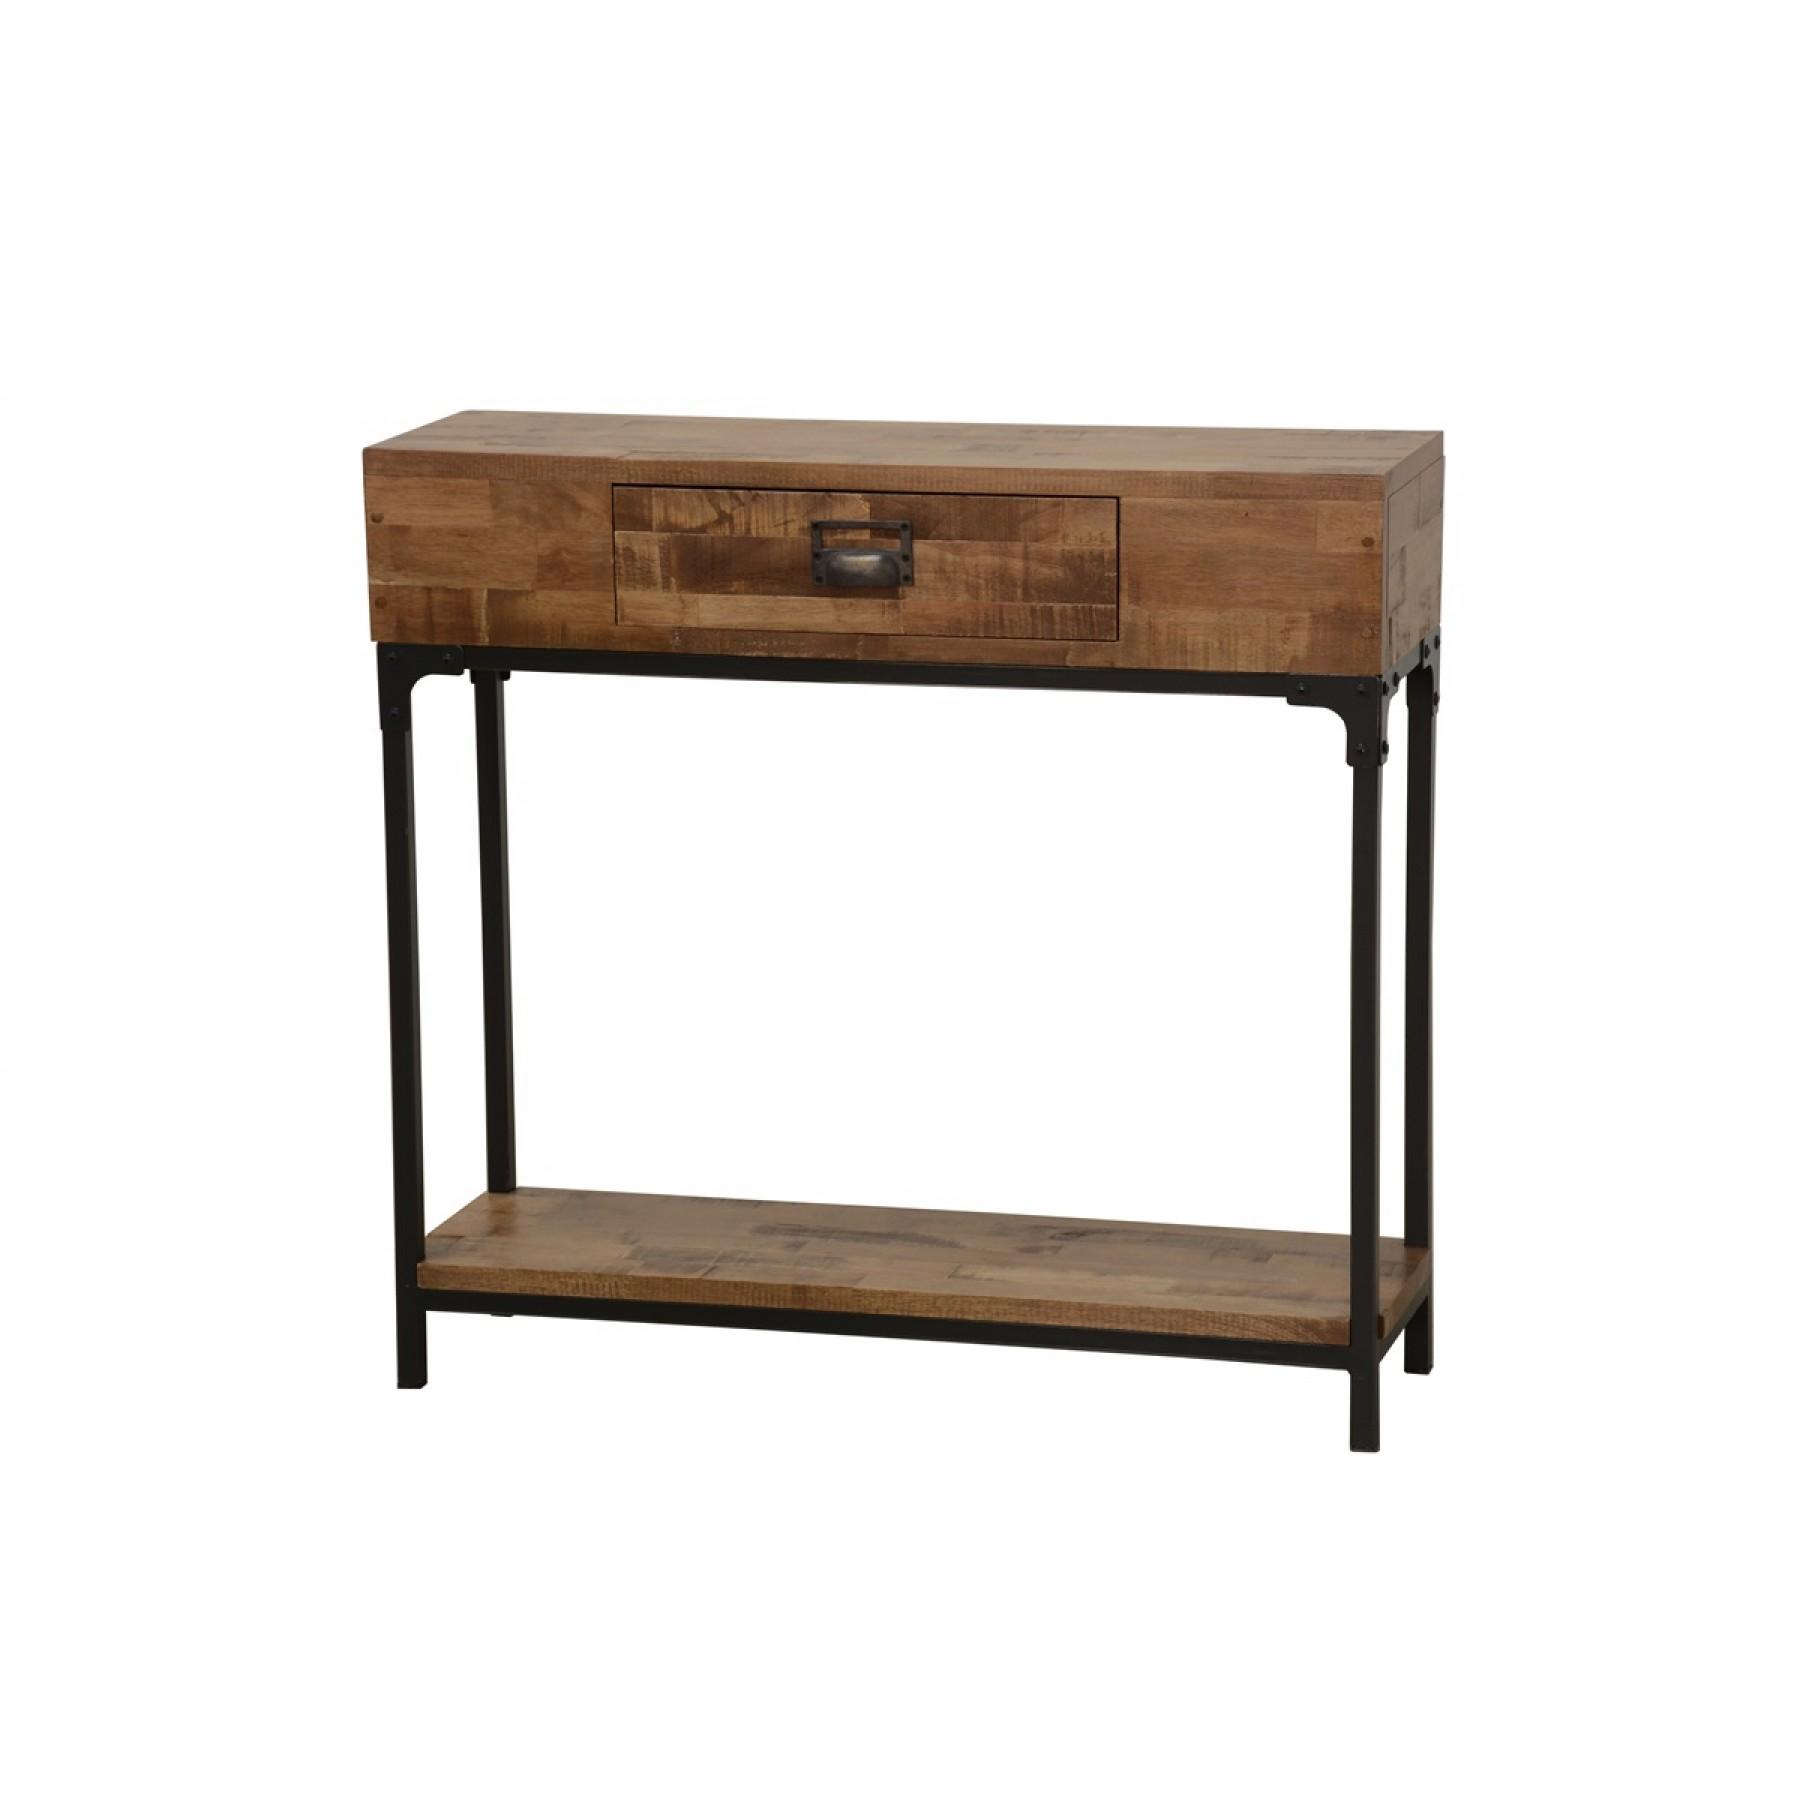 meuble console bois et fer finition naturelle vieillie par. Black Bedroom Furniture Sets. Home Design Ideas